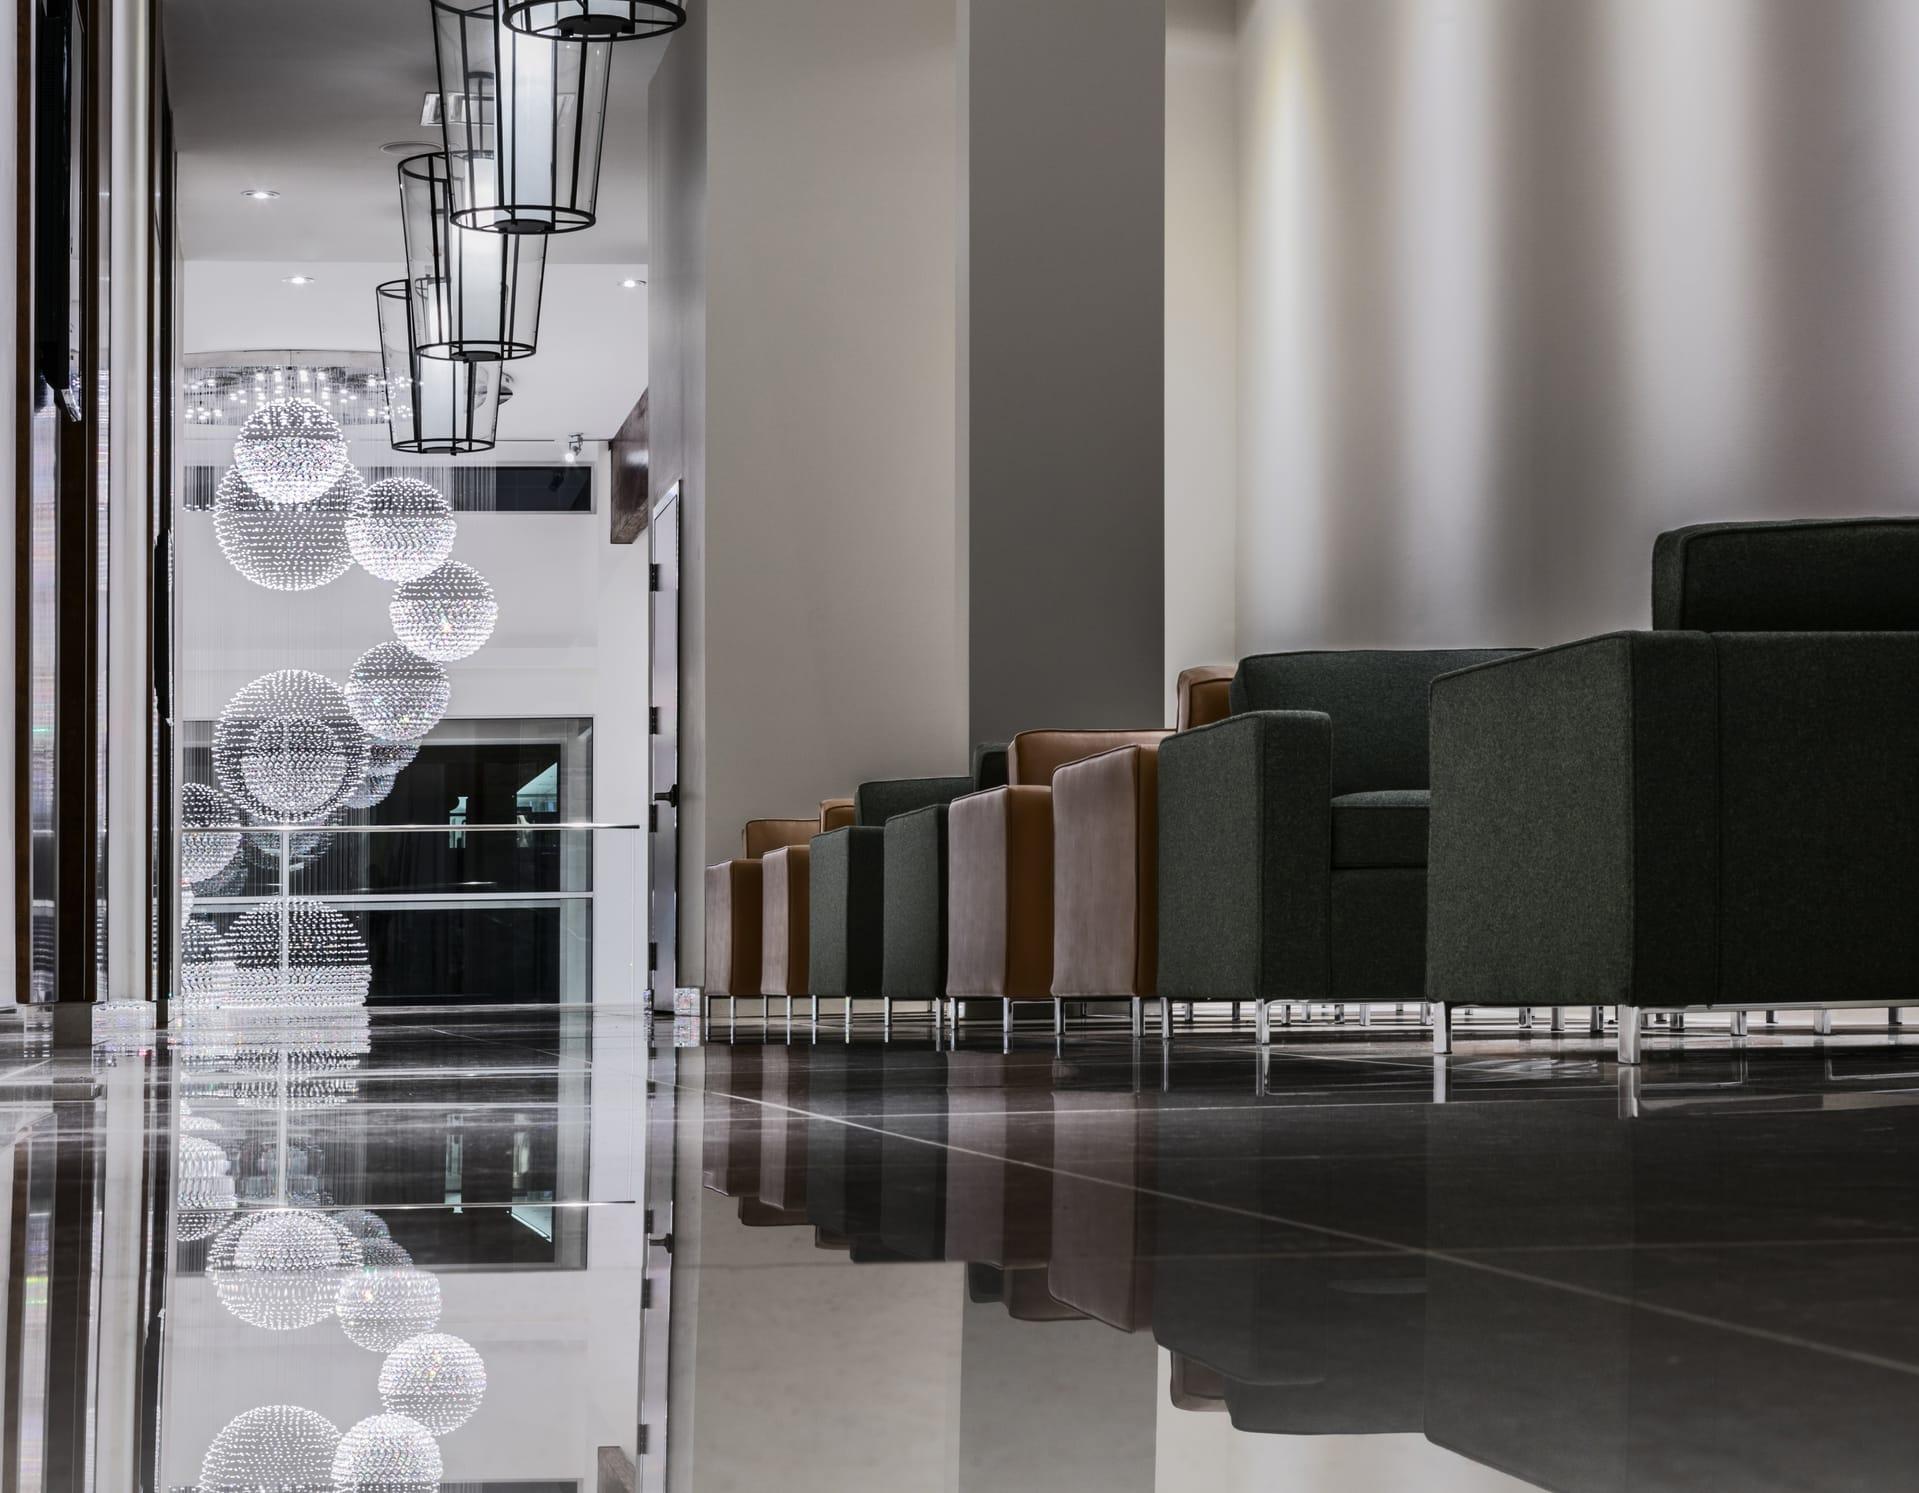 otl gouverneur sherbrooke destination sherbrooke. Black Bedroom Furniture Sets. Home Design Ideas